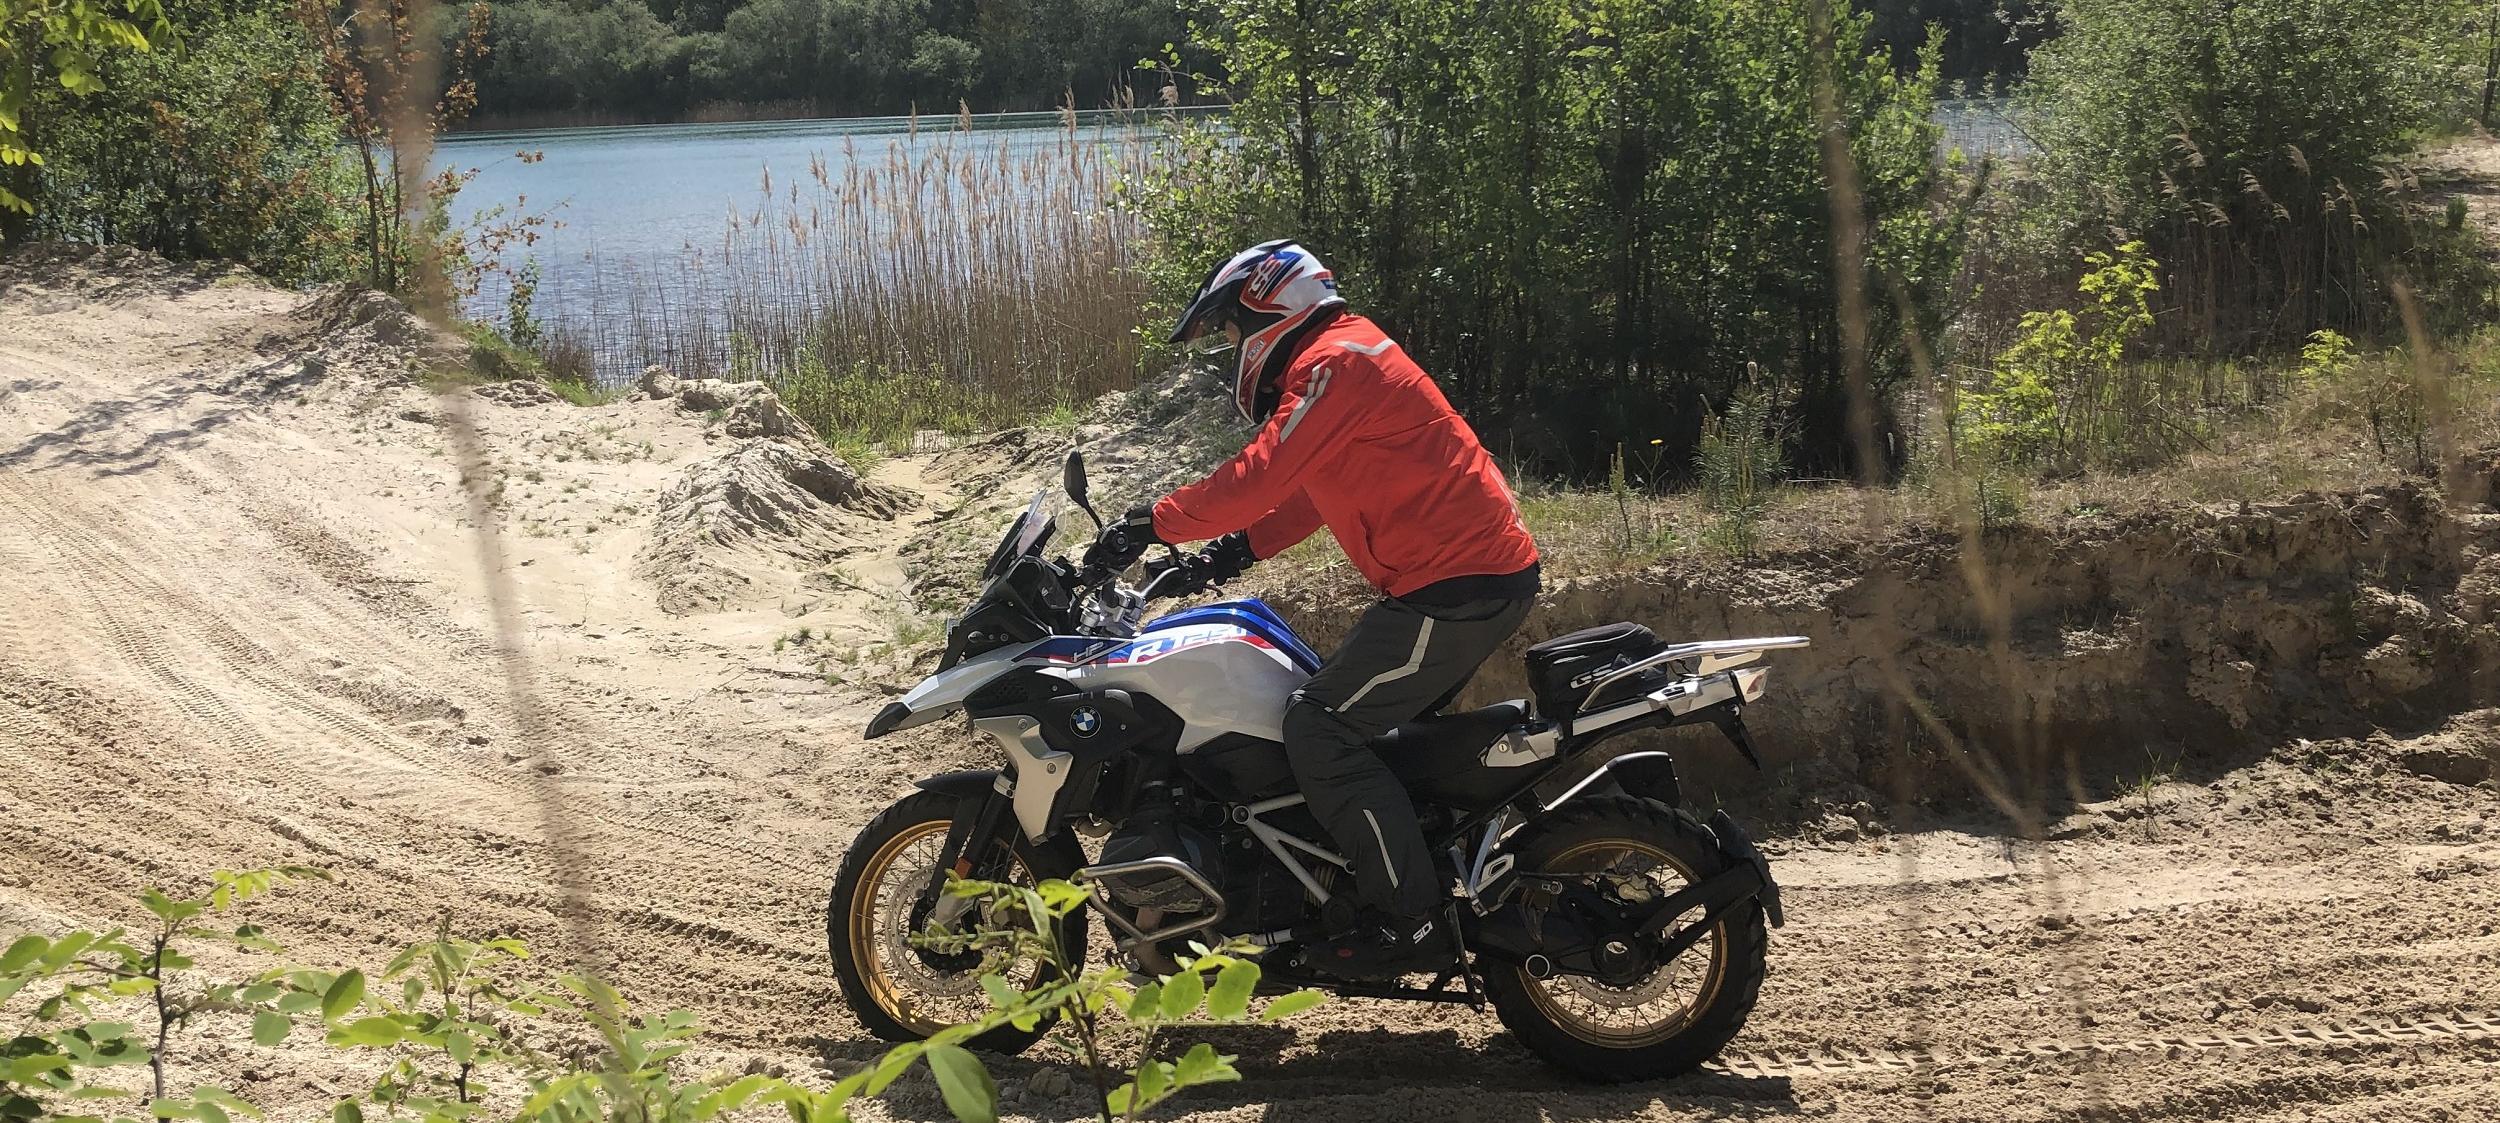 Op Experience Island Advanced technieken leren voor allroad motorrijden slider